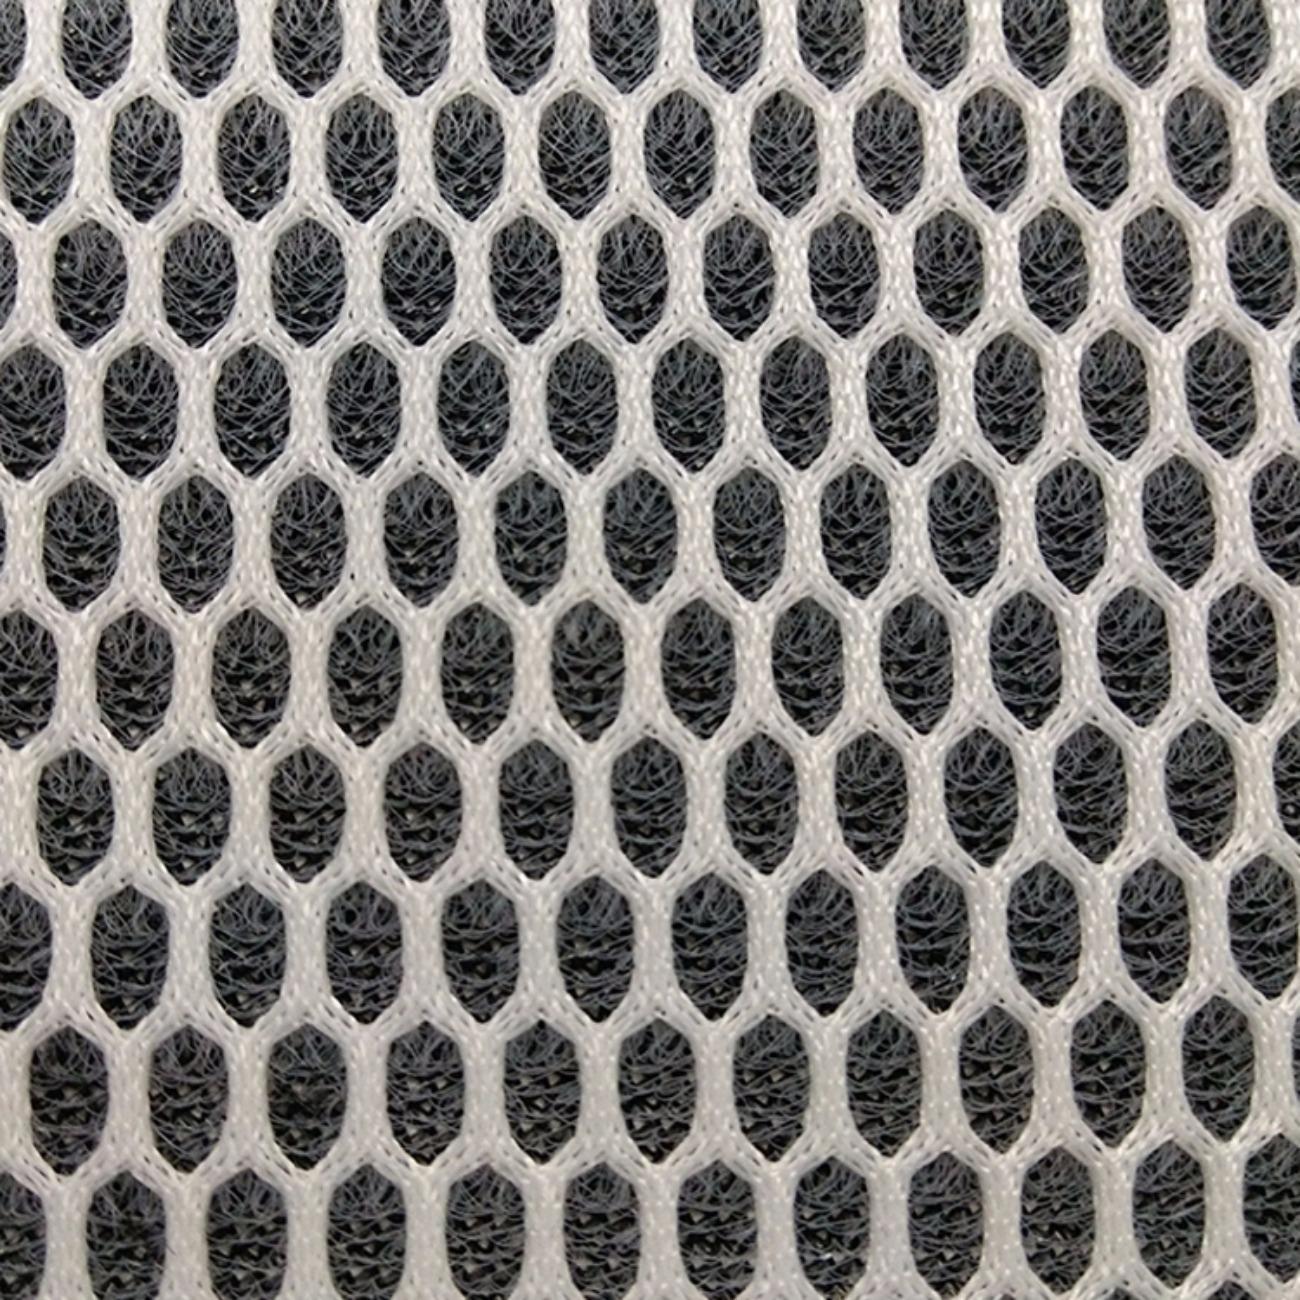 厂家定制六边形三明治网布面料